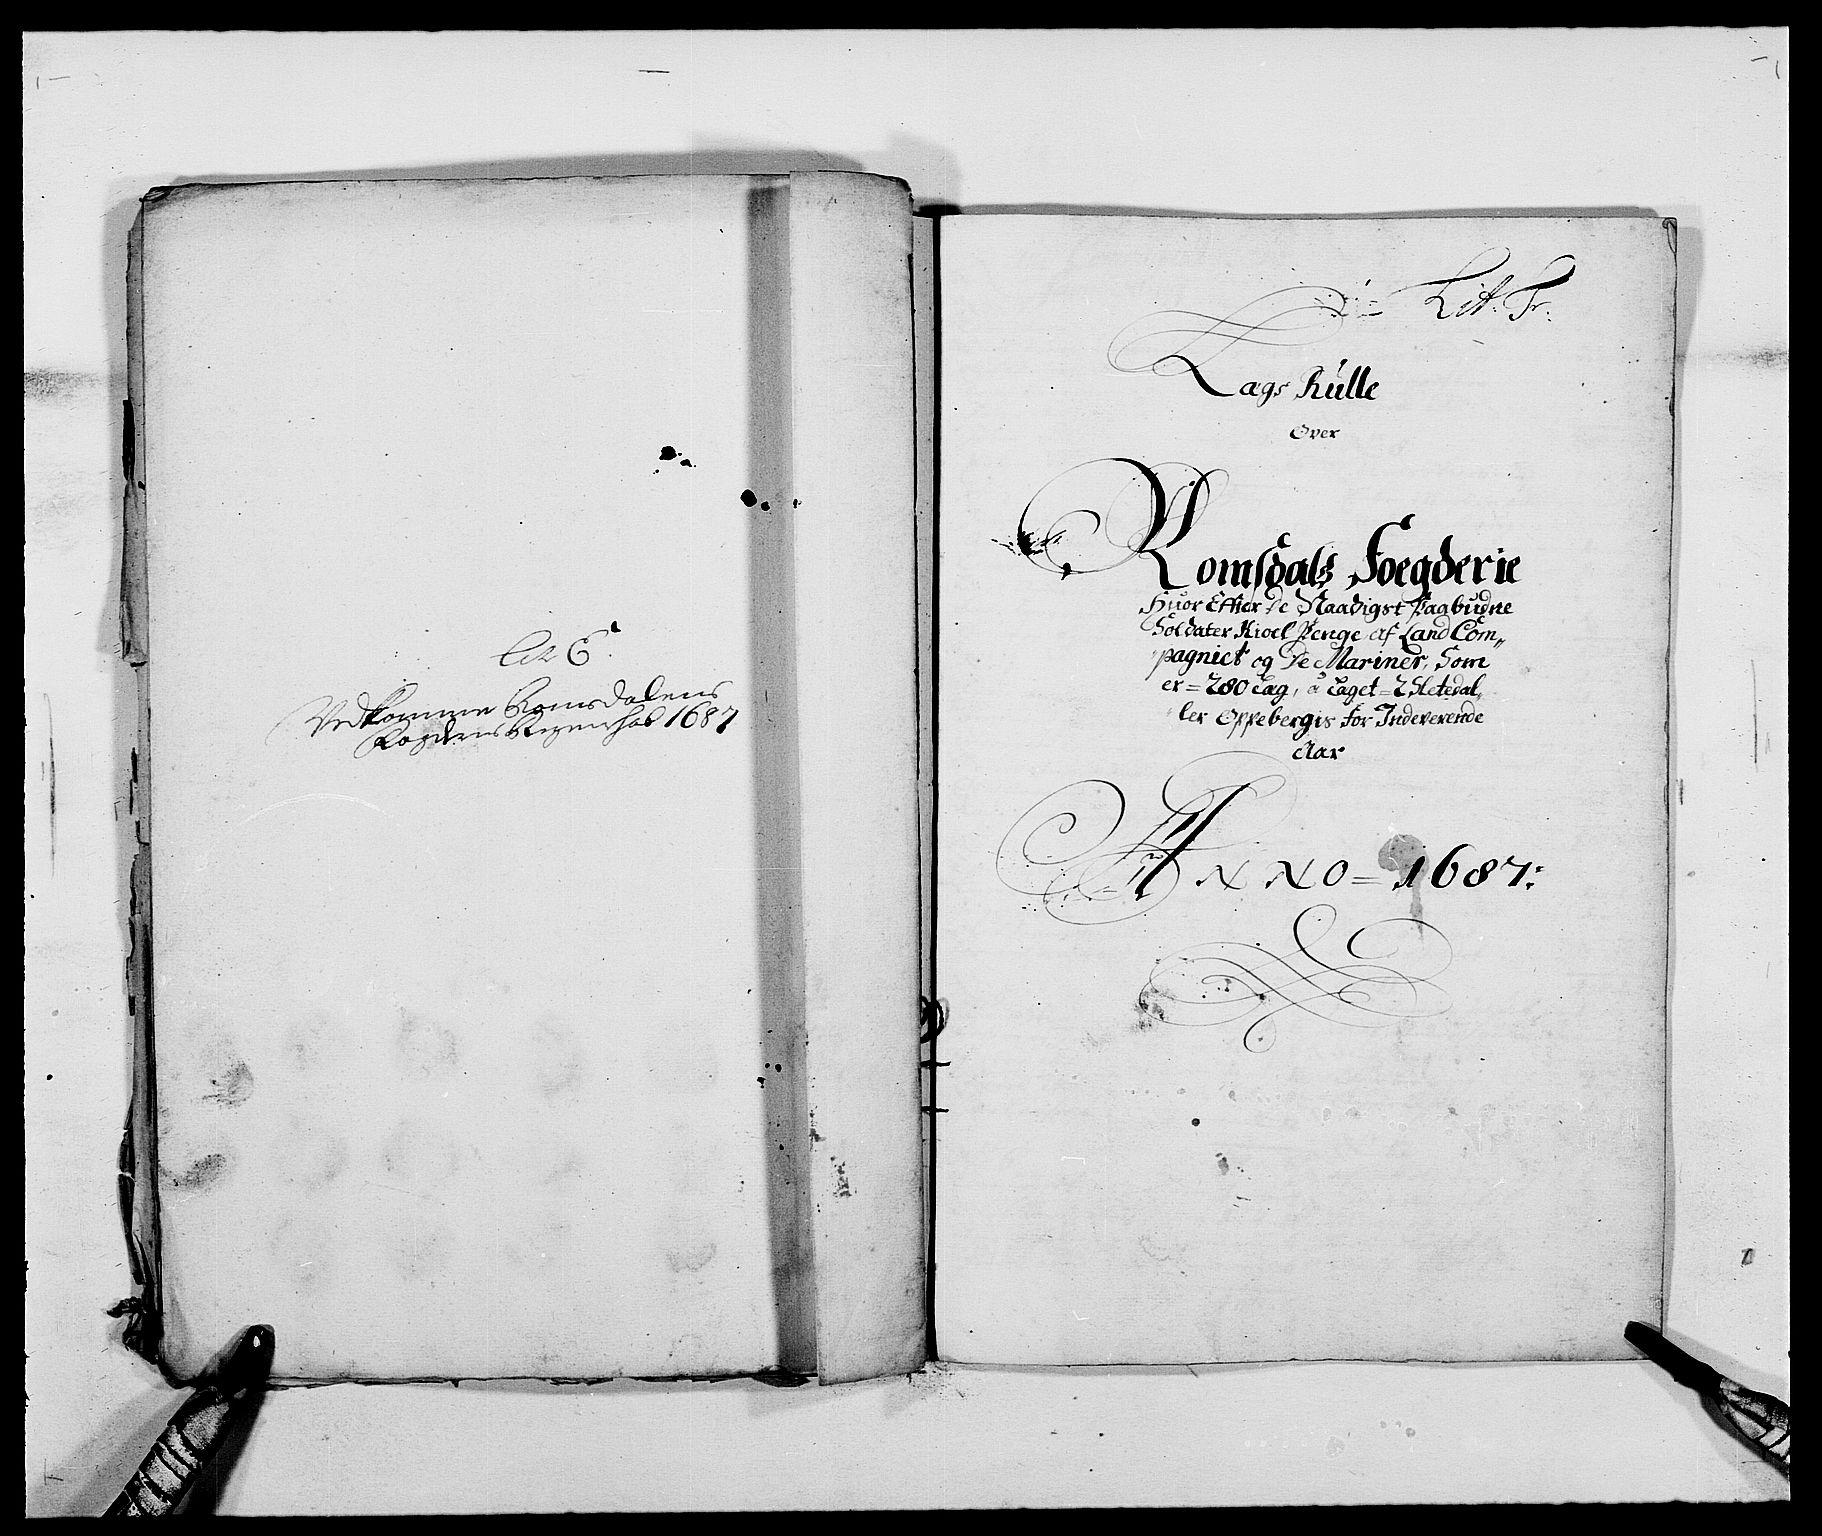 RA, Rentekammeret inntil 1814, Reviderte regnskaper, Fogderegnskap, R55/L3648: Fogderegnskap Romsdal, 1687-1689, s. 80